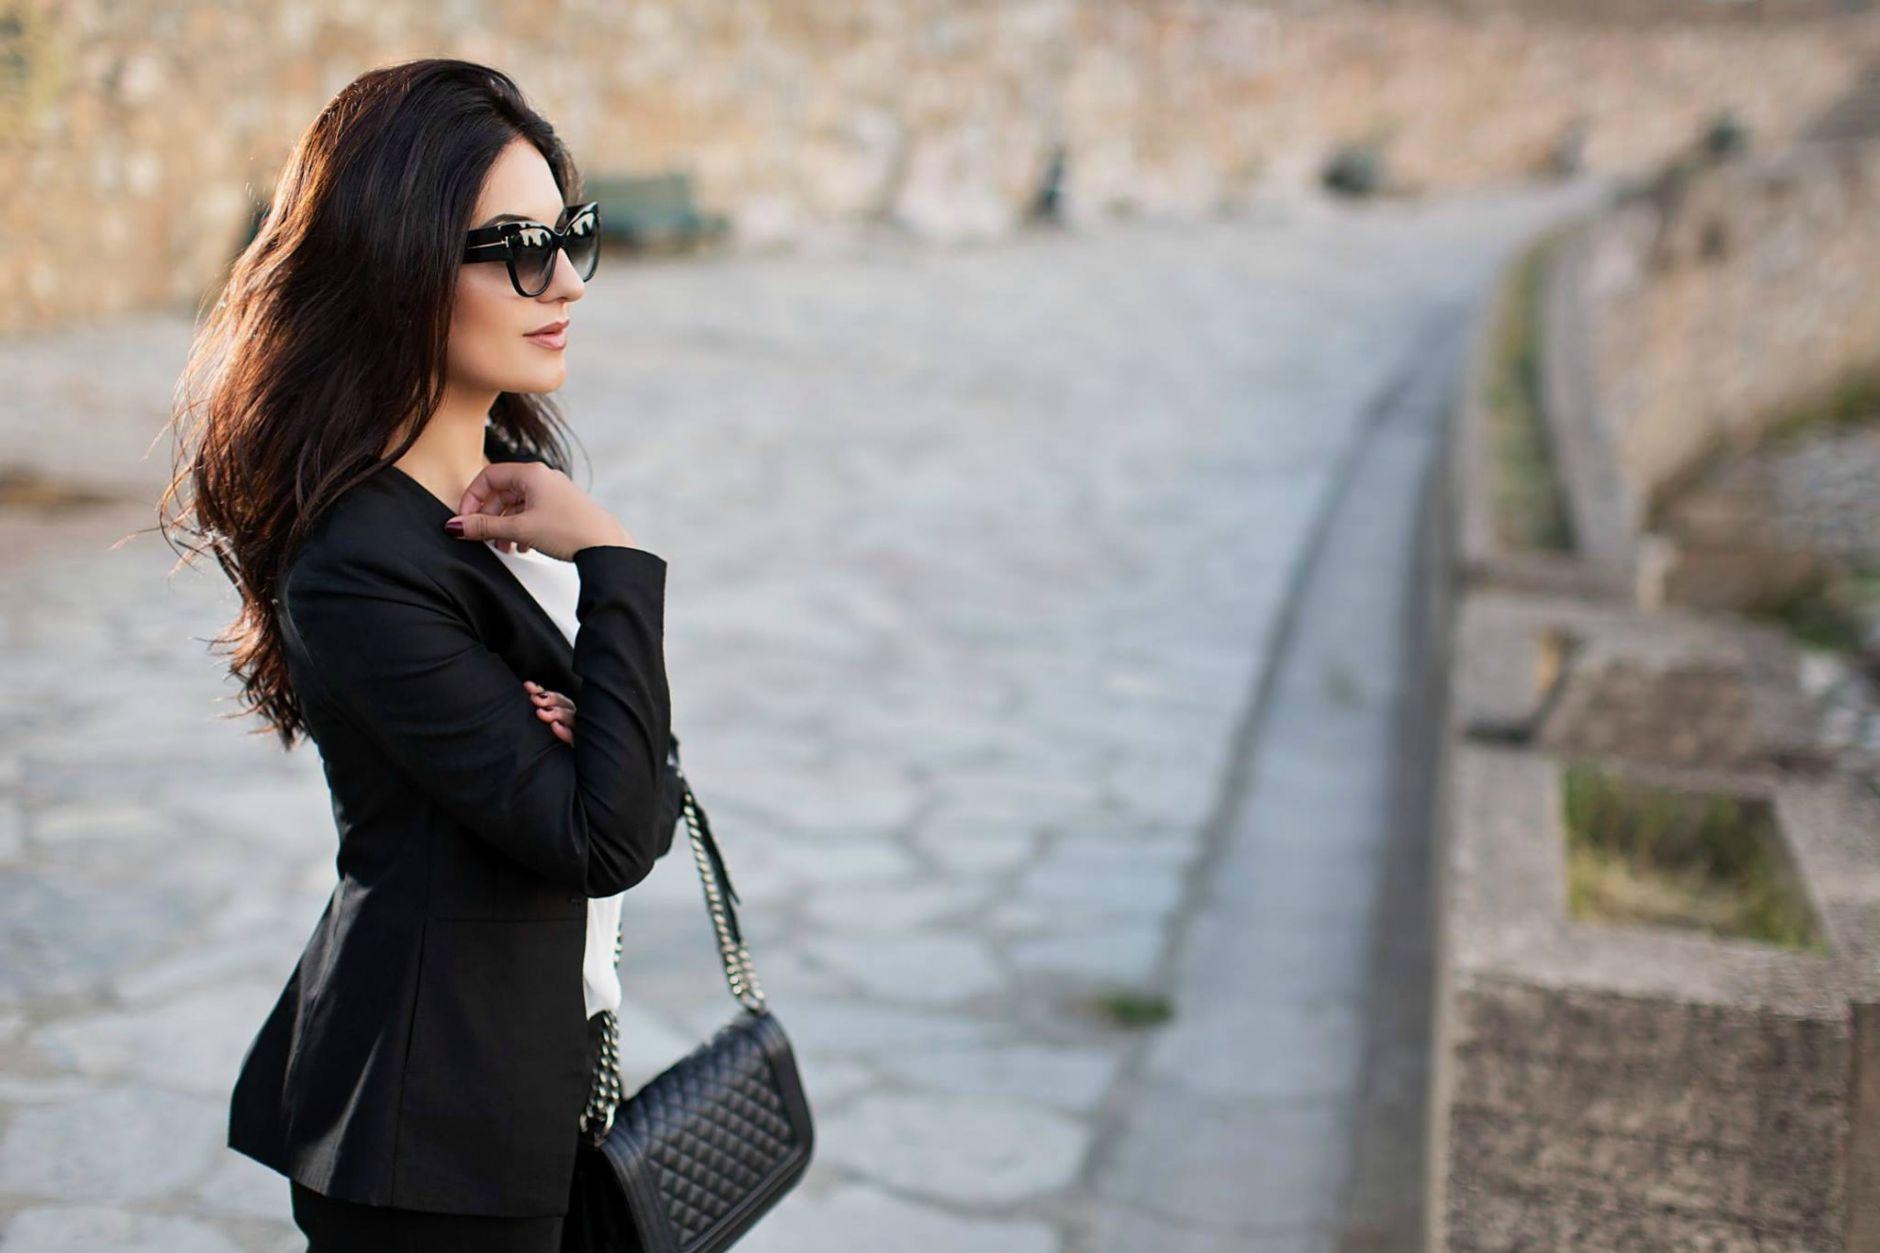 Black-Suit-Yllka-Brada-Besim-Mydyti-Edisa-Shahini-Prizren-Aug-2015-01